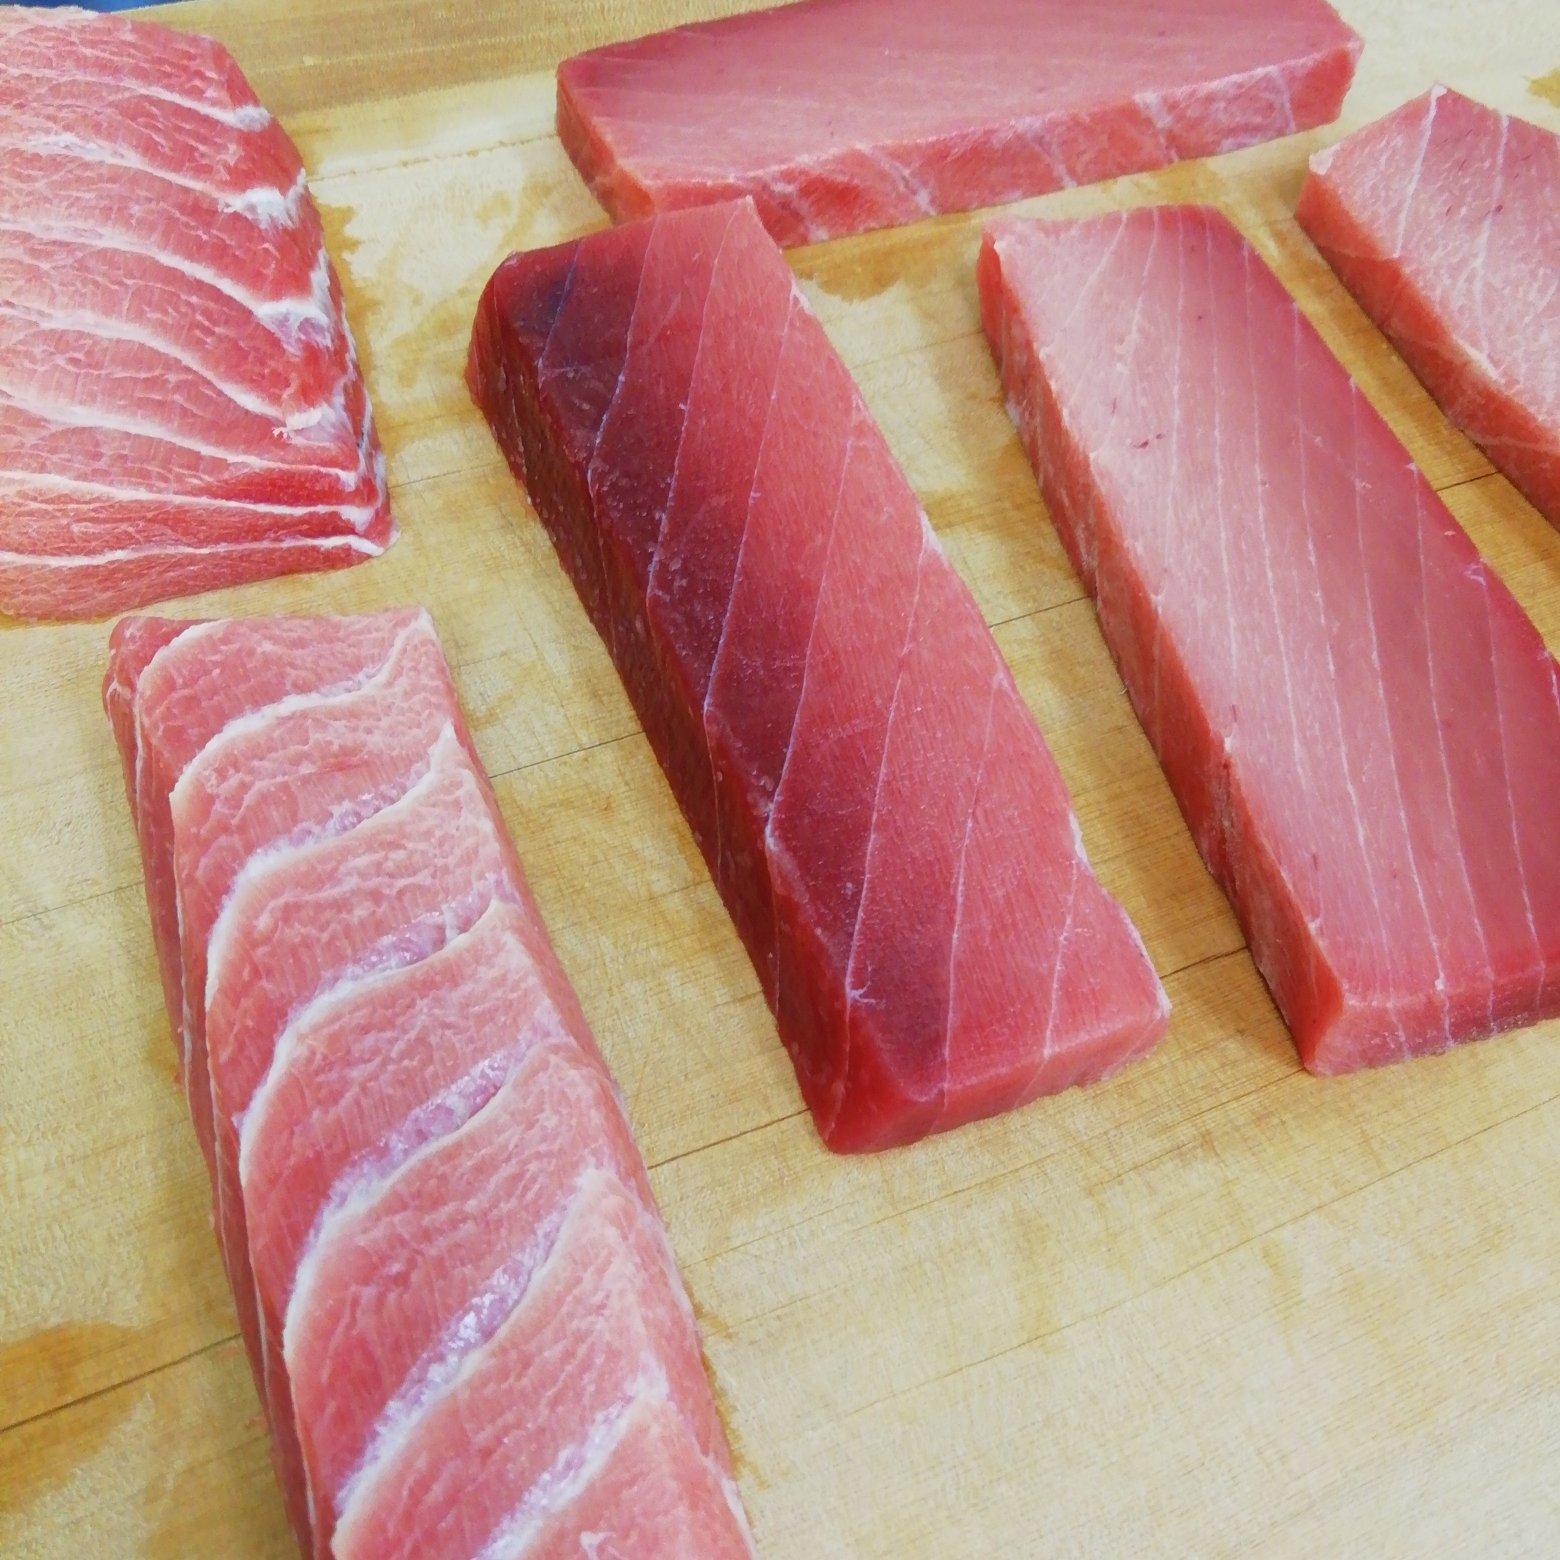 鉄板‼️ 上物マグロ2種(上赤身、中トロ)セット 上物マグロ120g以上×2(上赤身、中トロ) 魚介類/マグロ通販